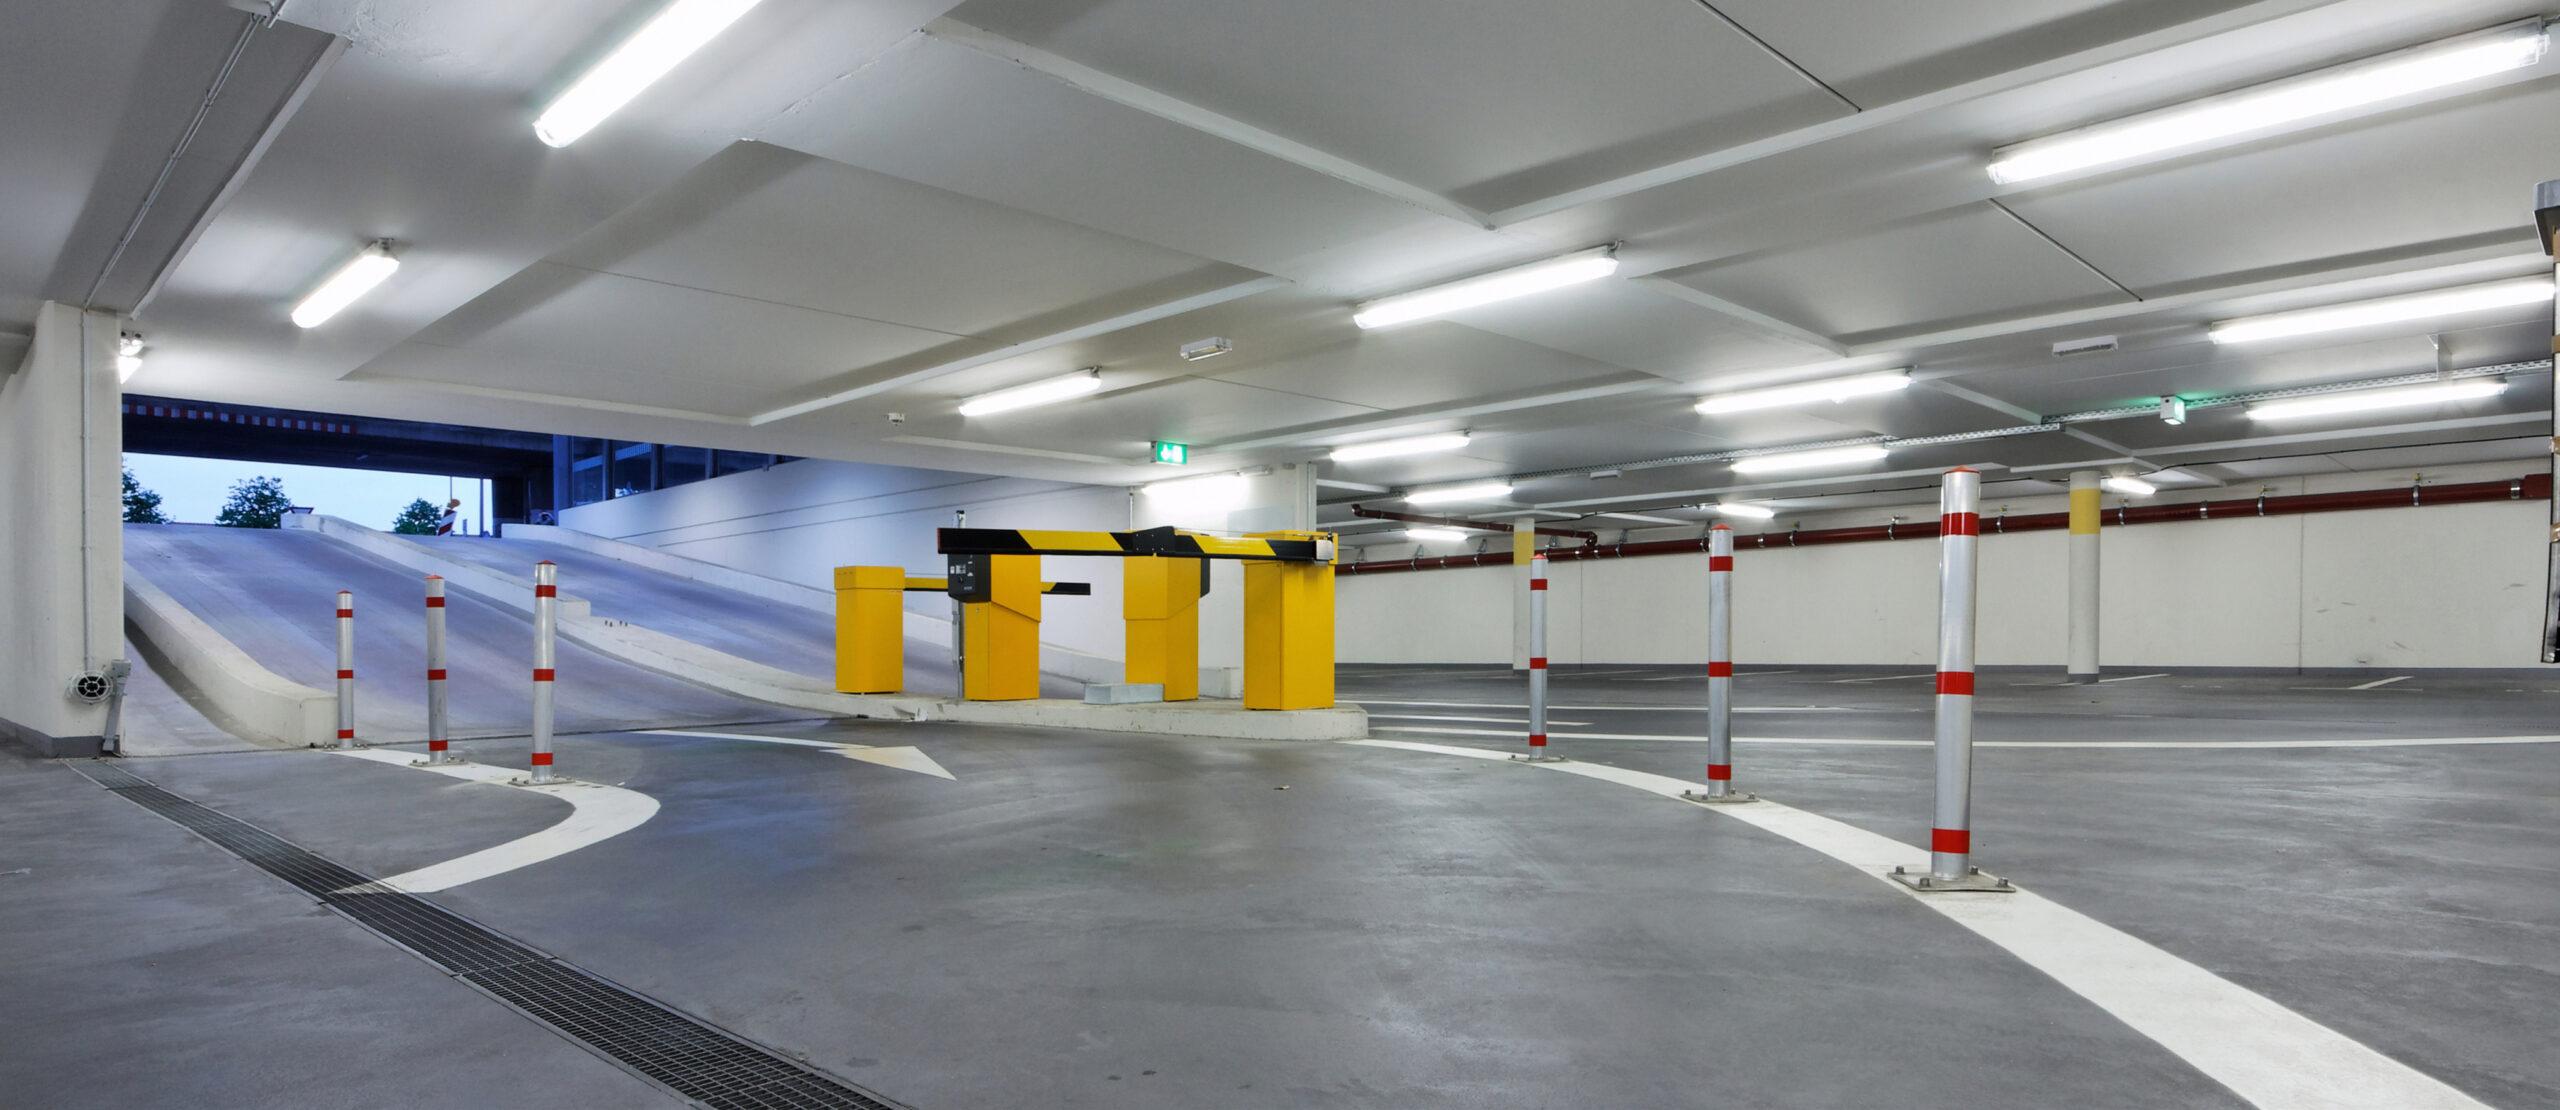 Réglettes LED parking